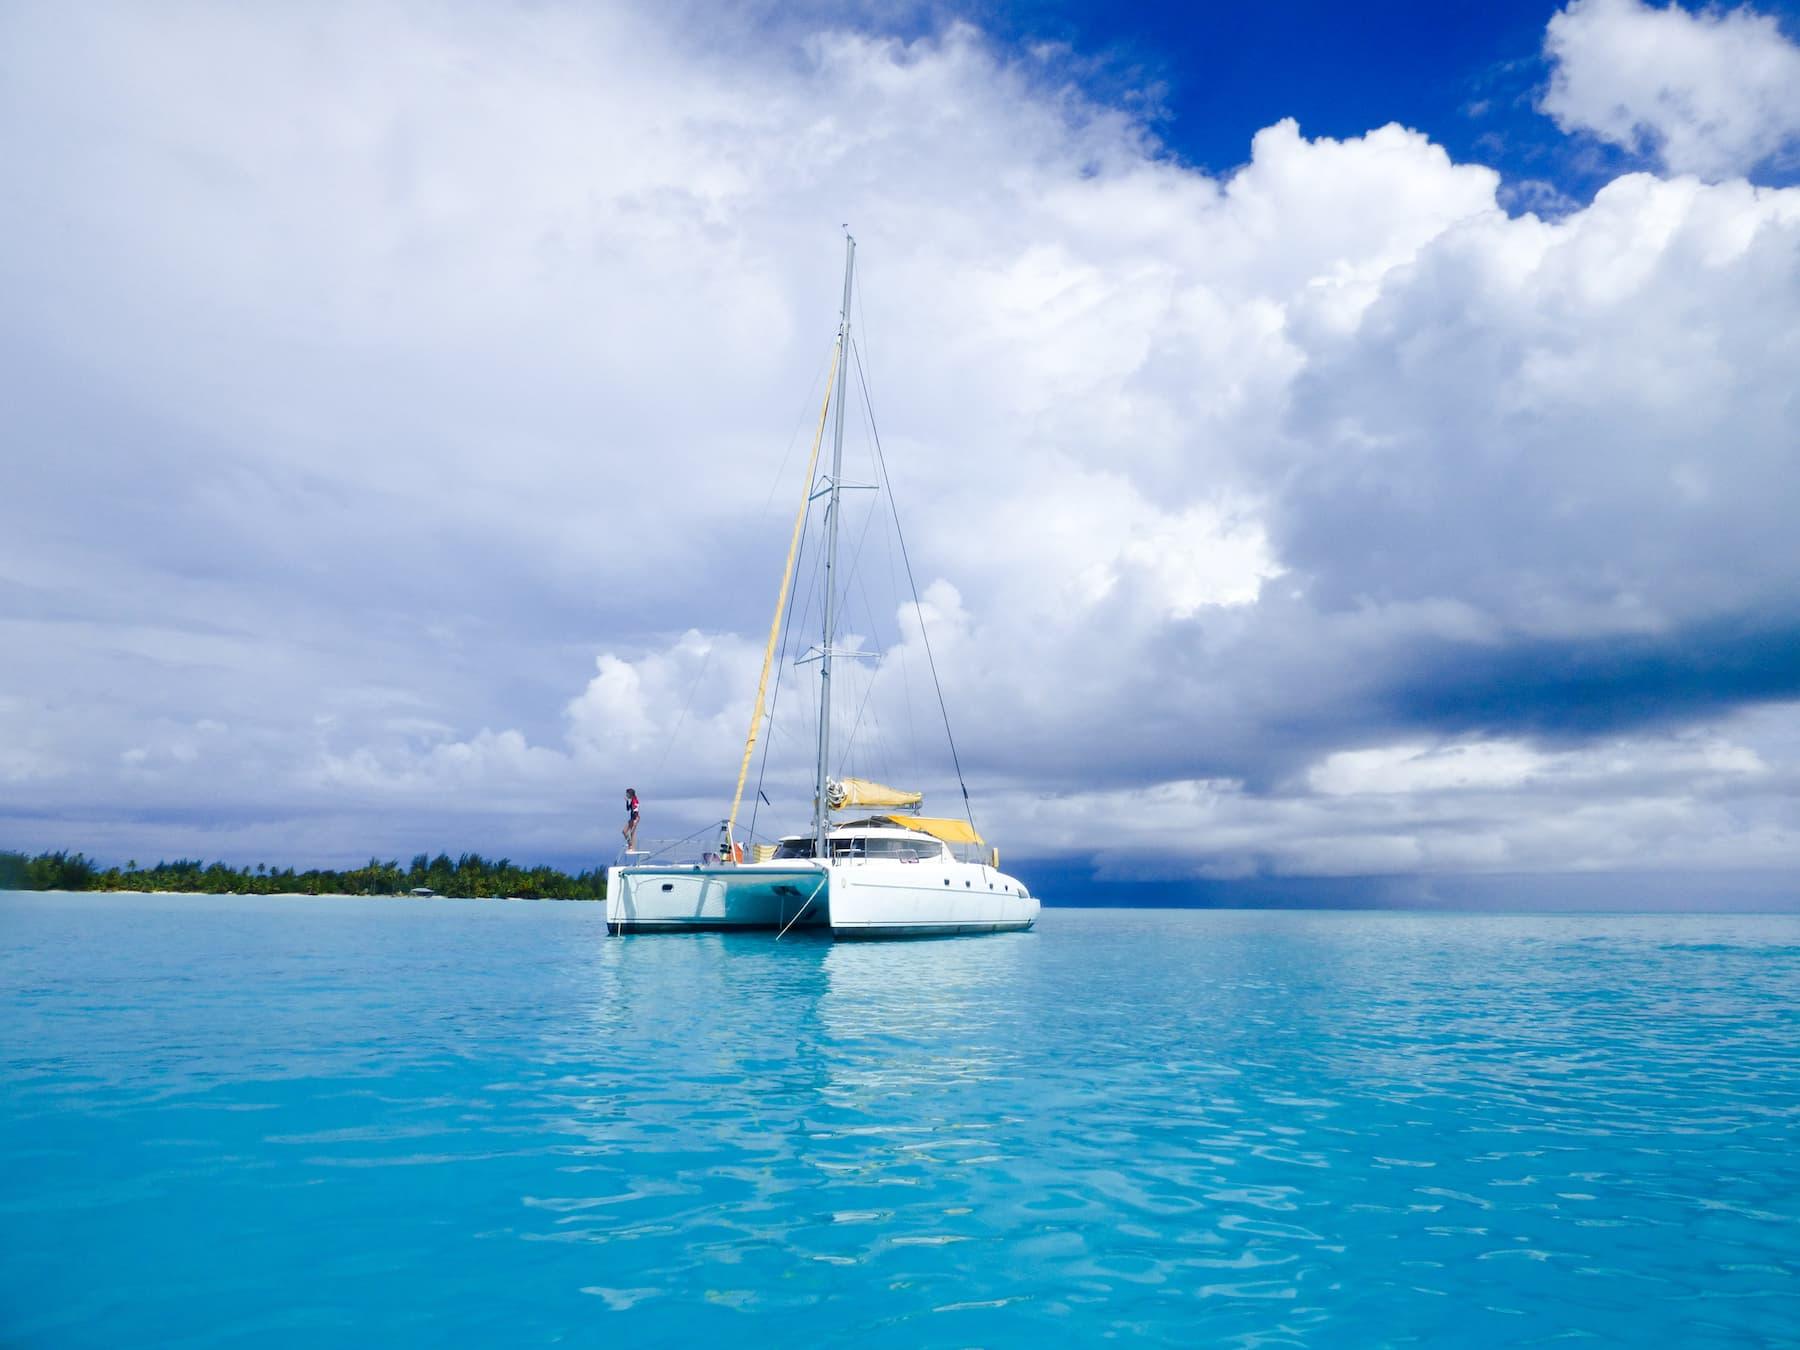 https://tahititourisme.com.au/wp-content/uploads/2017/08/bateau-tlc-modif-11-copie.jpg